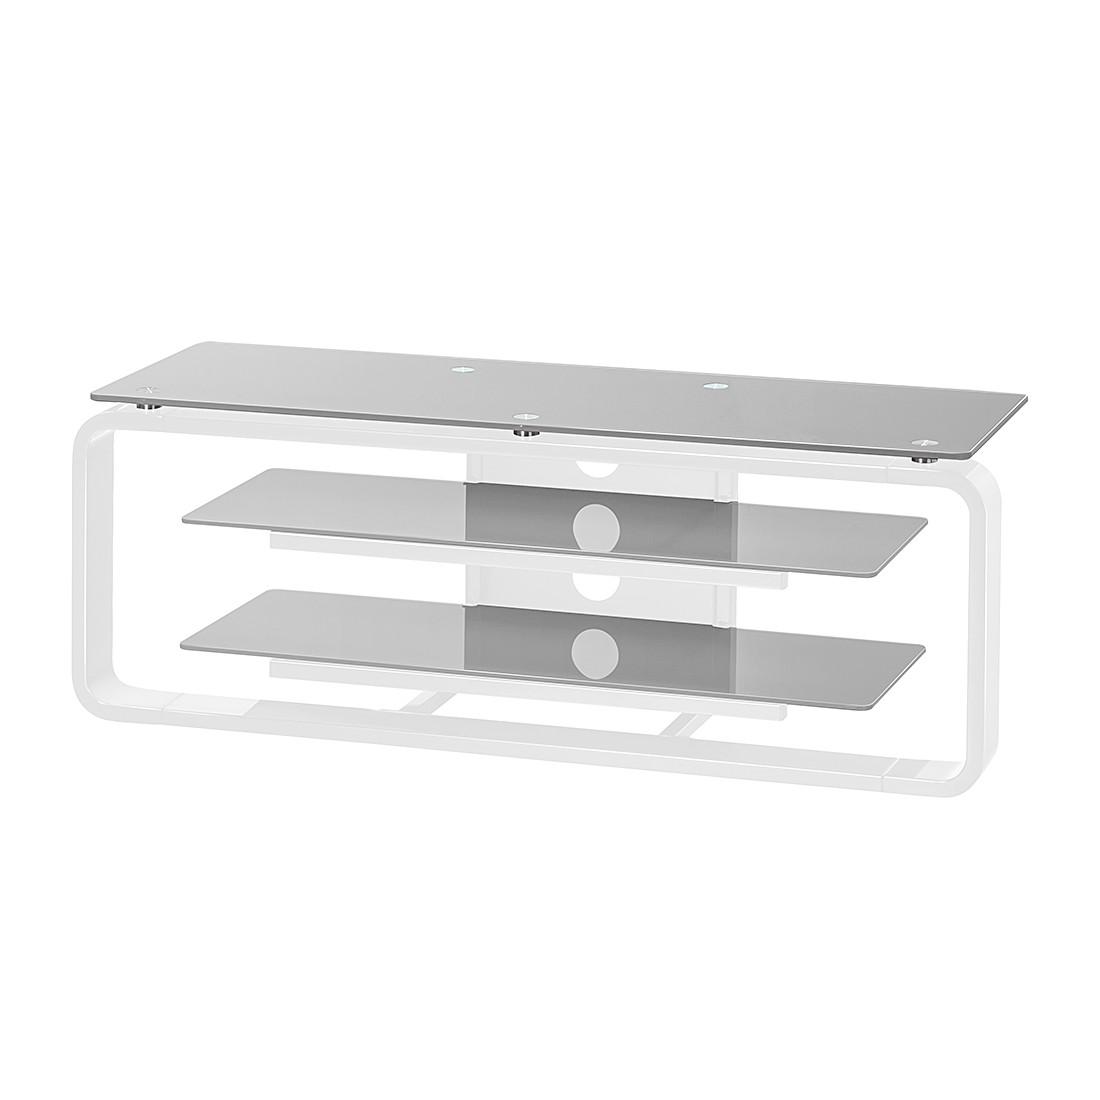 Meuble verre guide d 39 achat for Meuble tv largeur 110 cm